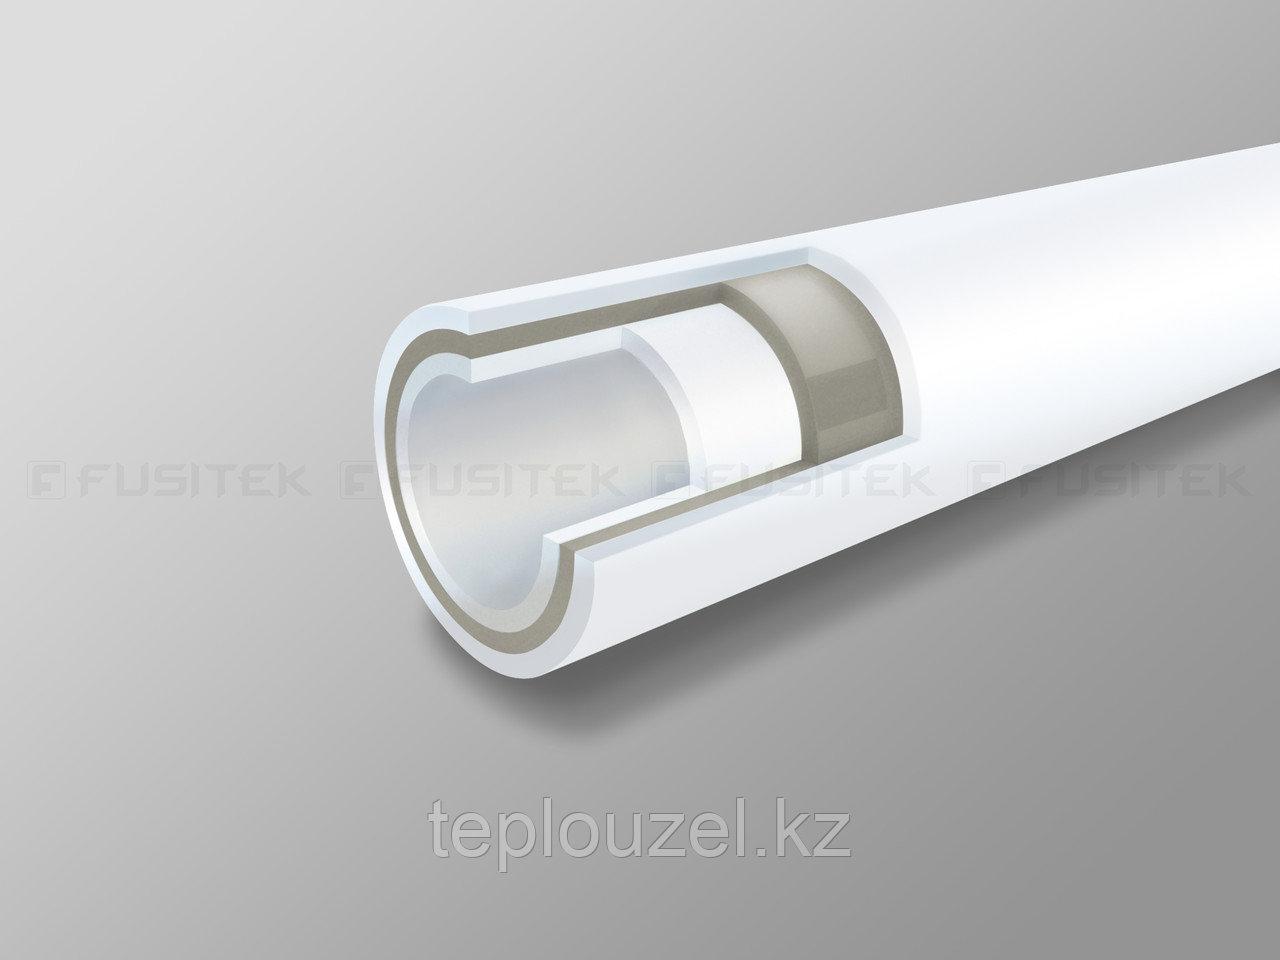 Труба композитная D32 из ППР - 2